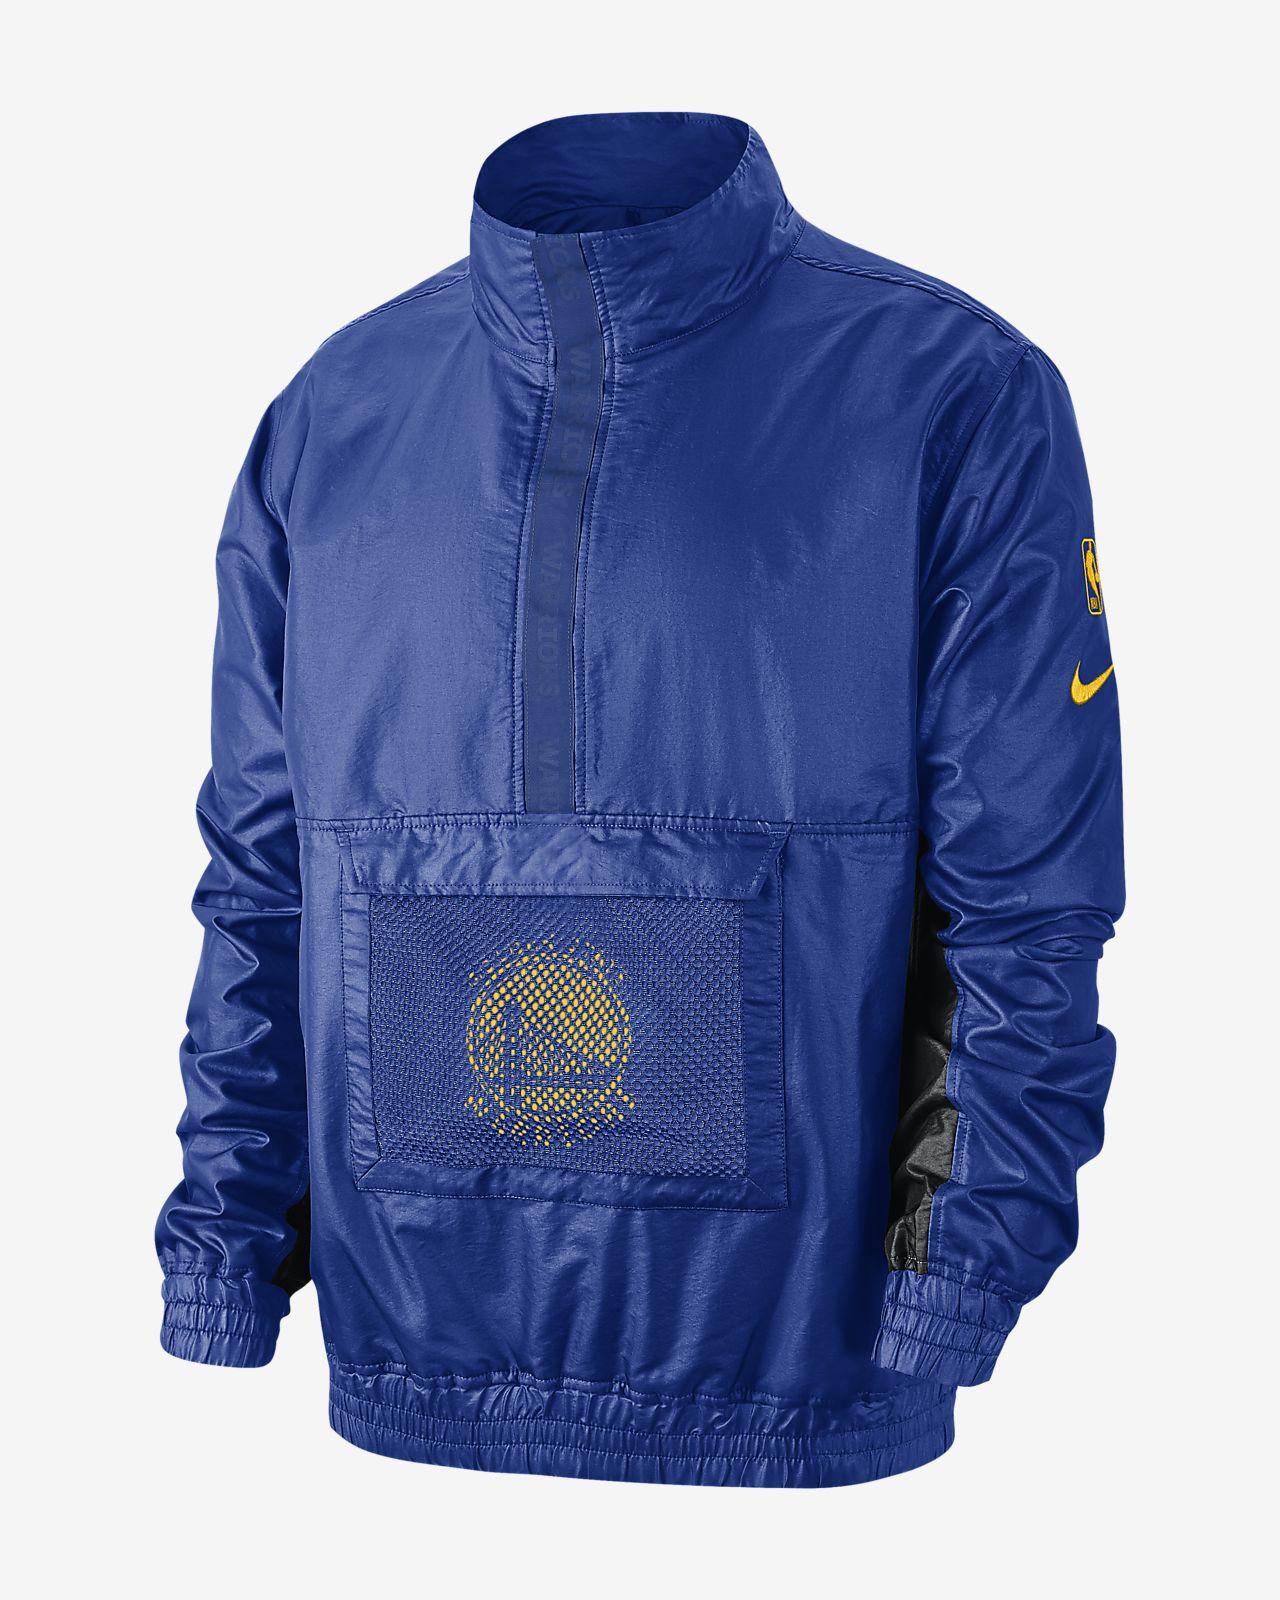 Golden State Warriors Nike Men's Lightweight NBA Jacket